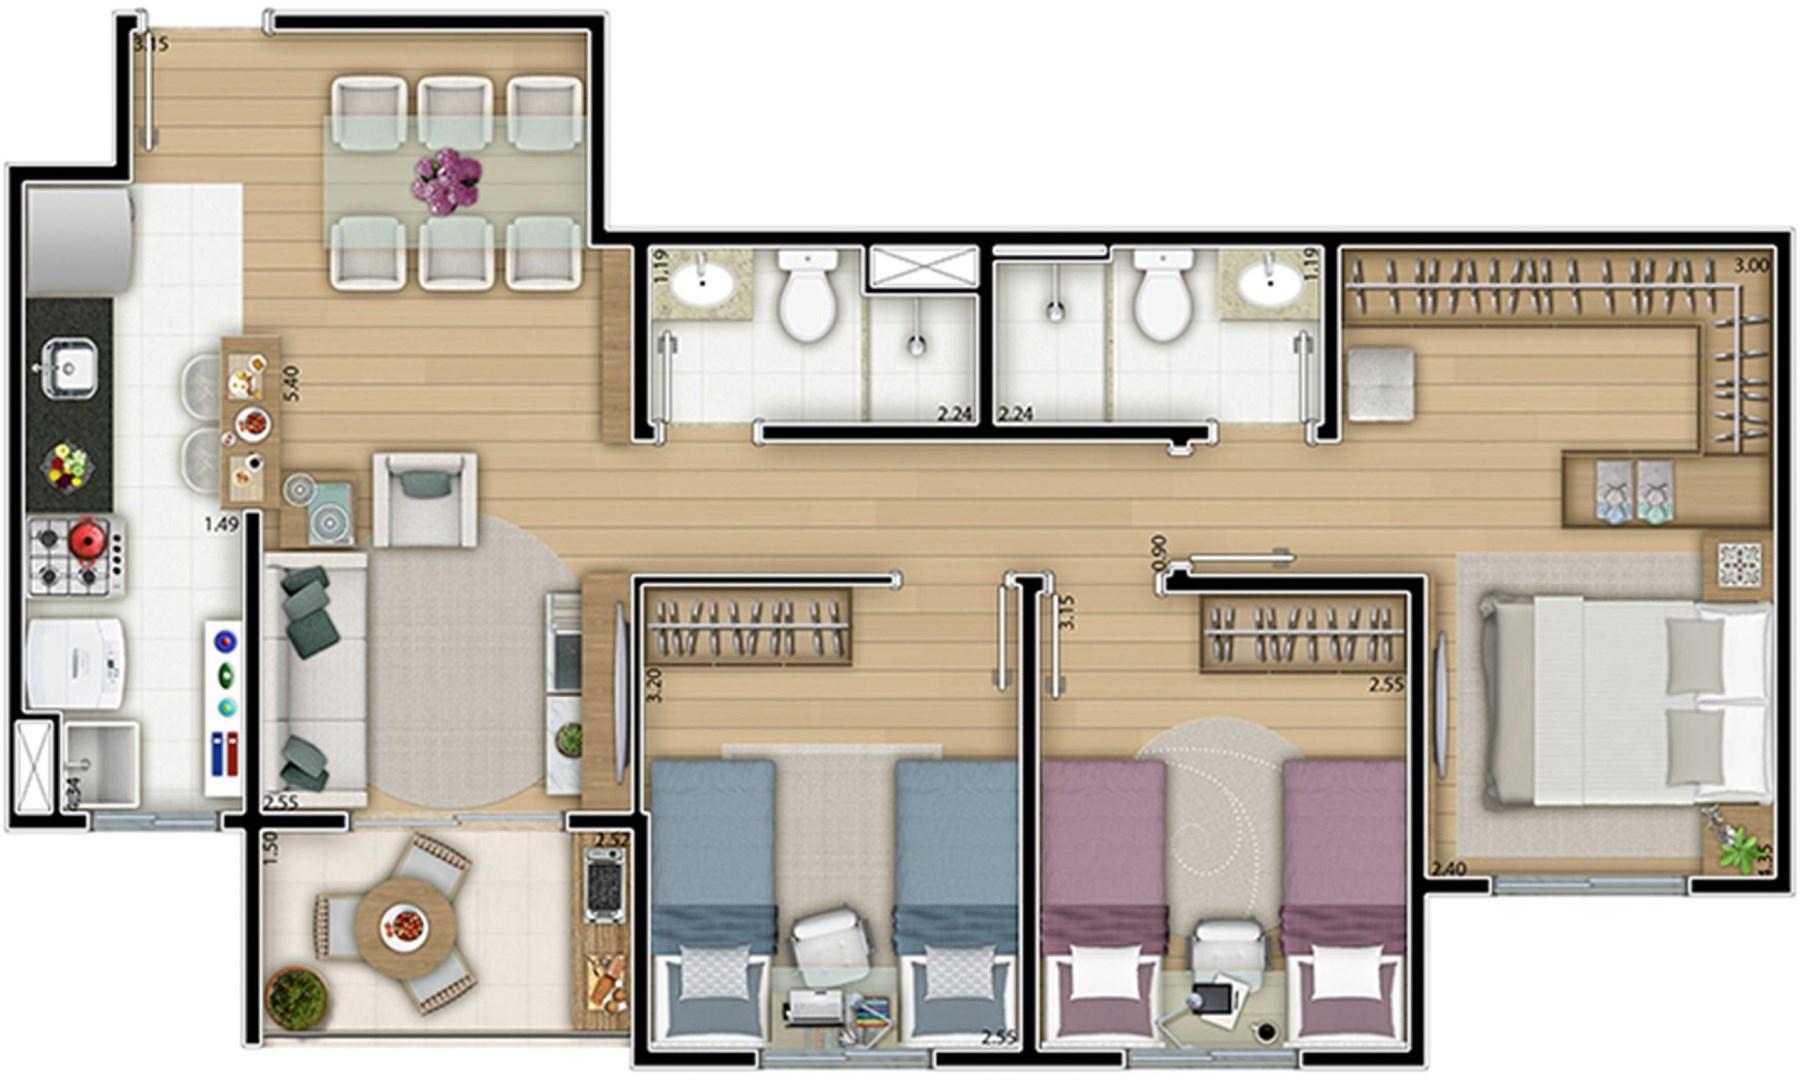 Planta tipo 71,50 m² 2 dorms (1 suíte) Opção com a sala ampliada